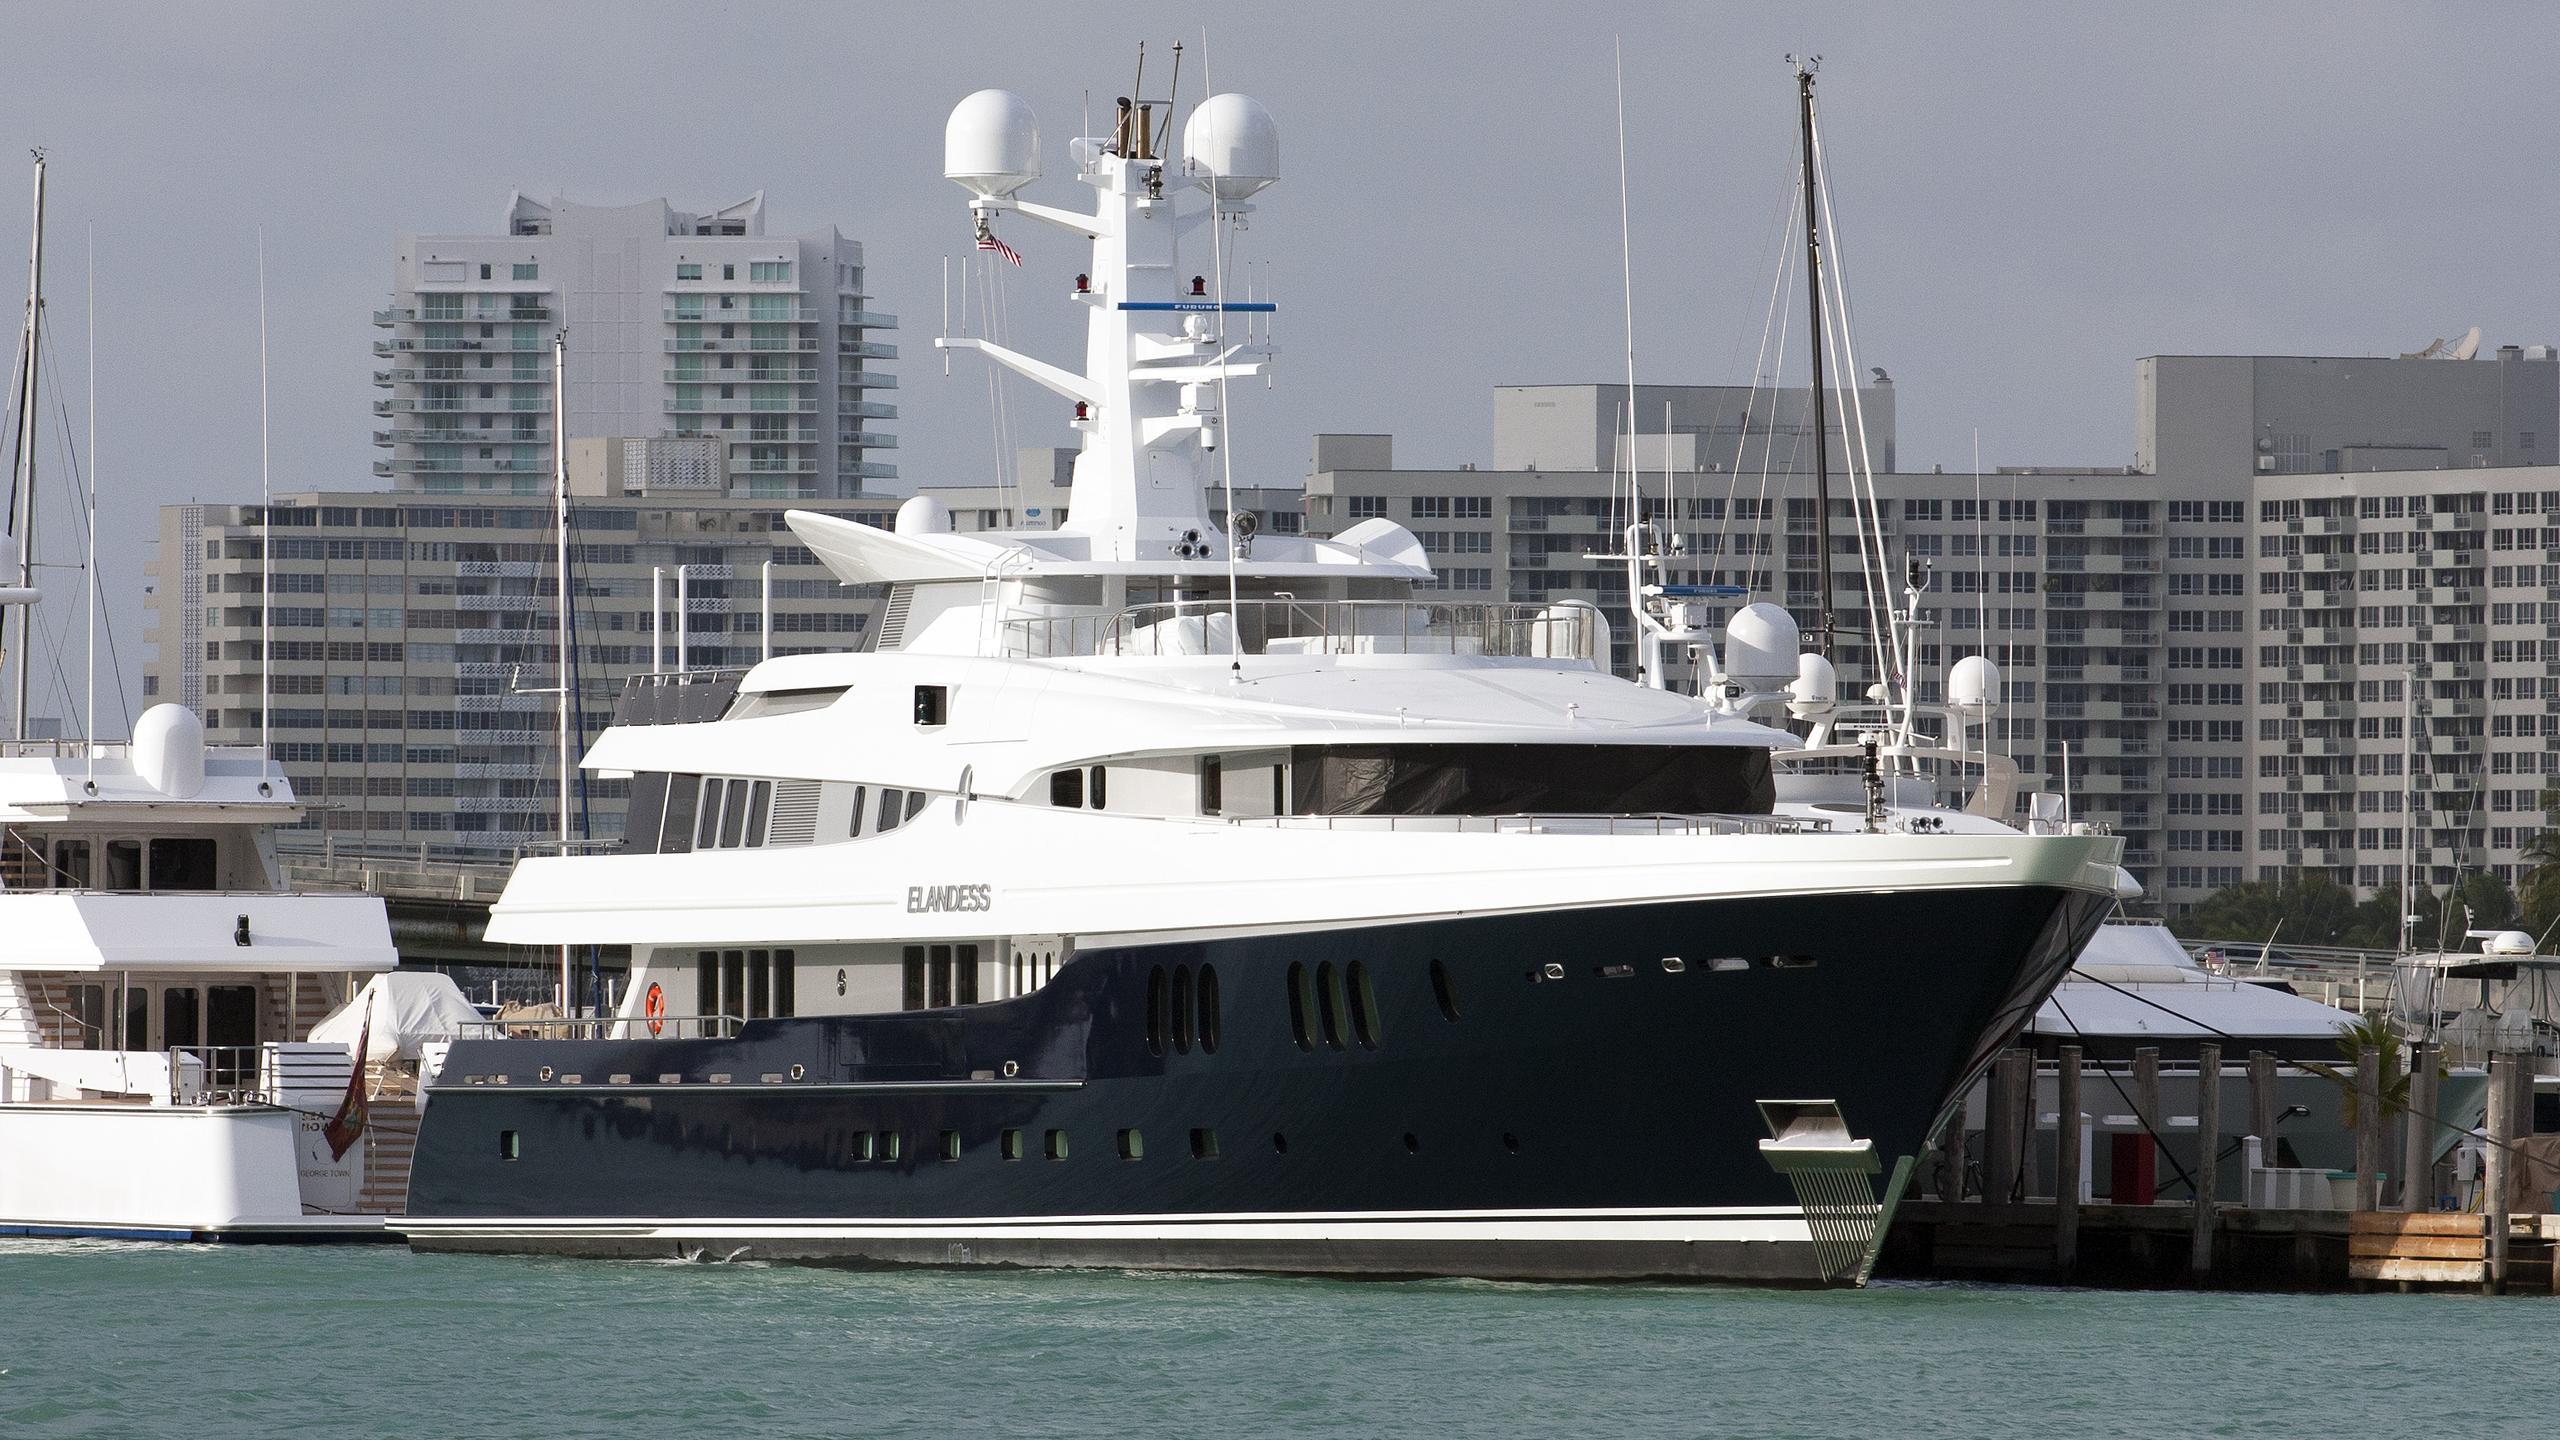 elandess-motor-yacht-abeking-rasmussen-2009-60m-half-profile